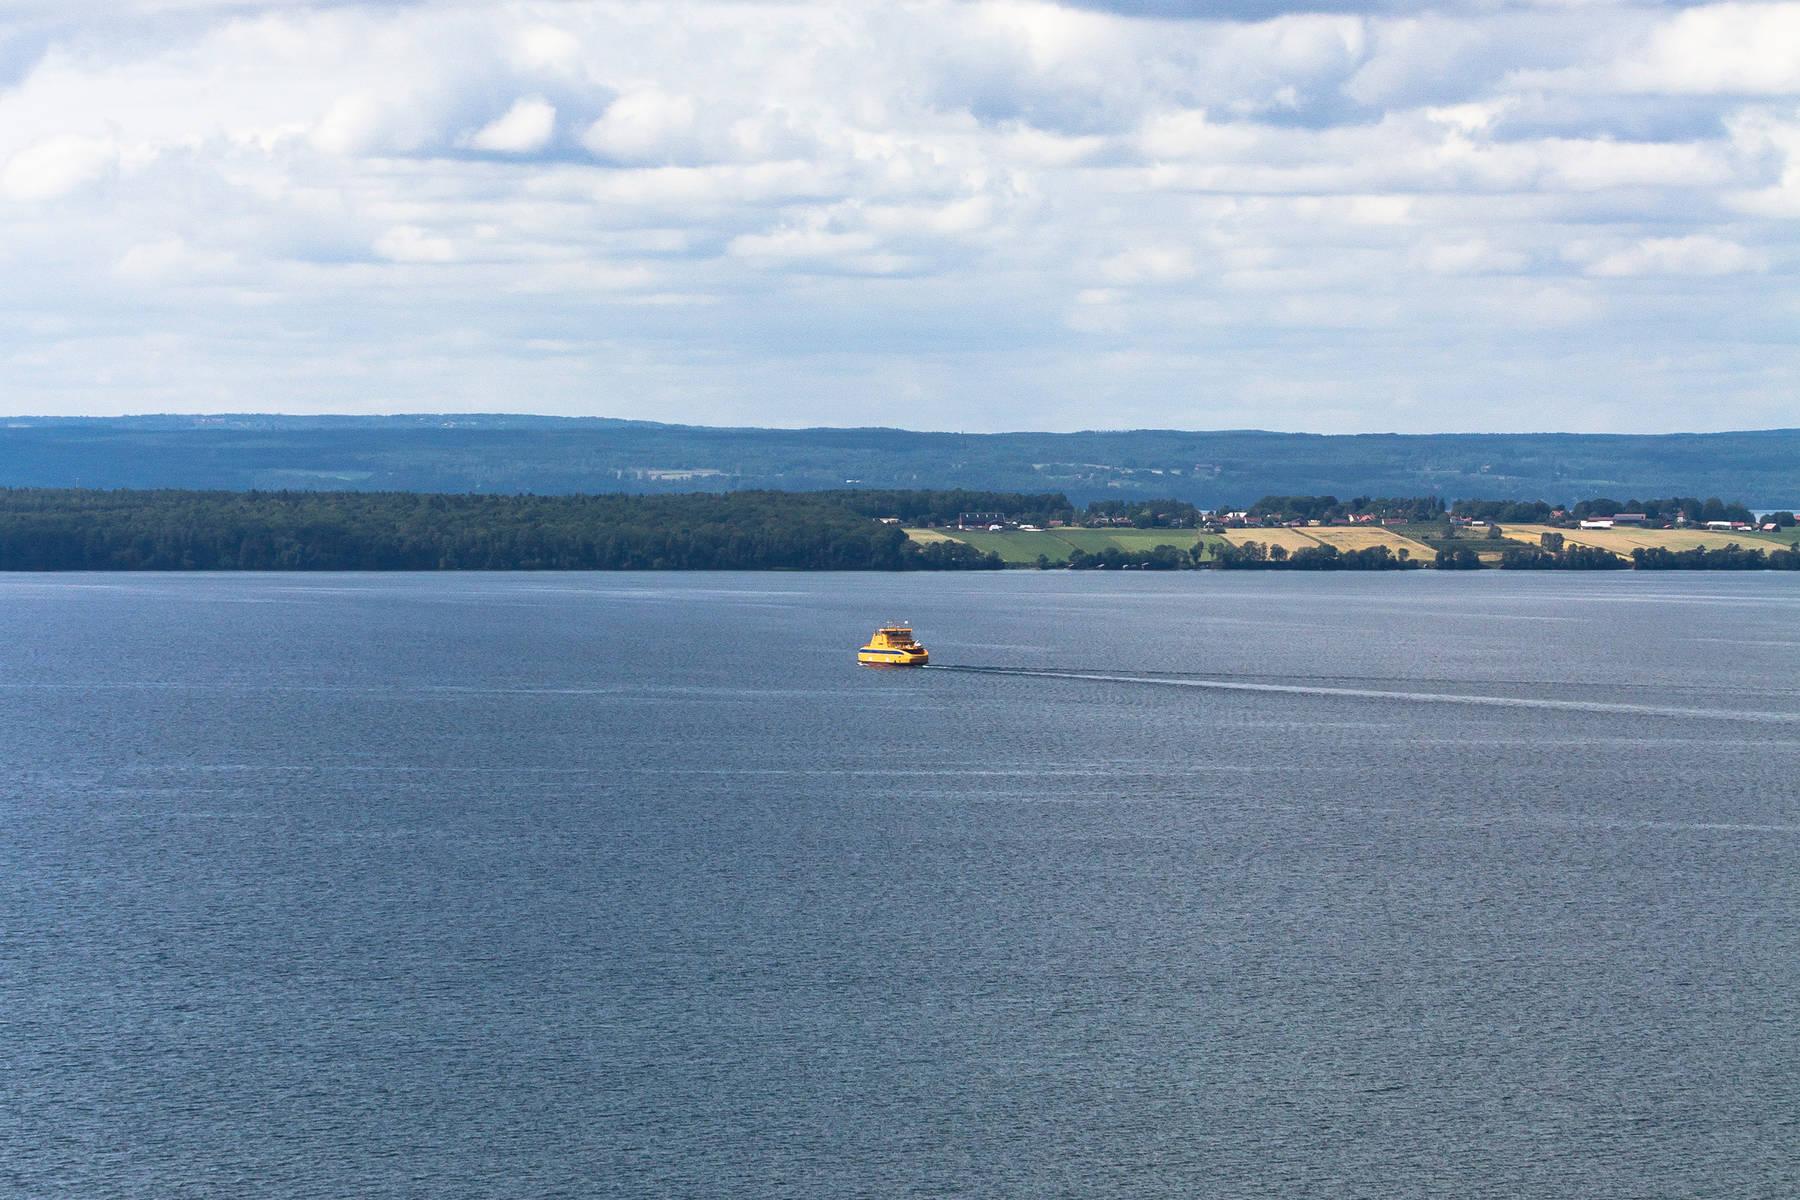 Eine halbe Stunde dauert die Fährfahrt von Gränna zur Insel Visingsö